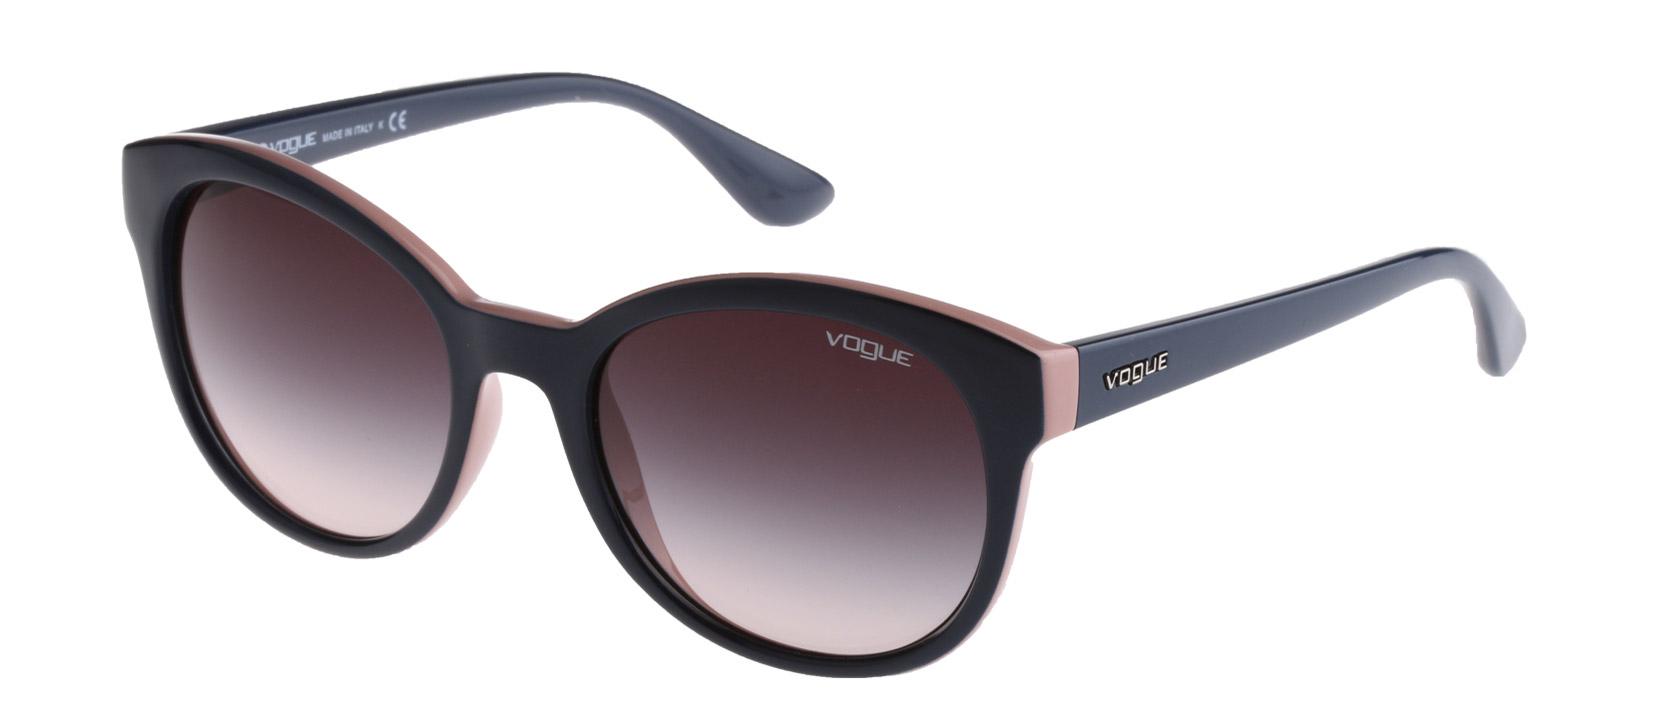 occhiali da sole vogue 2795s ottico ticino lugano